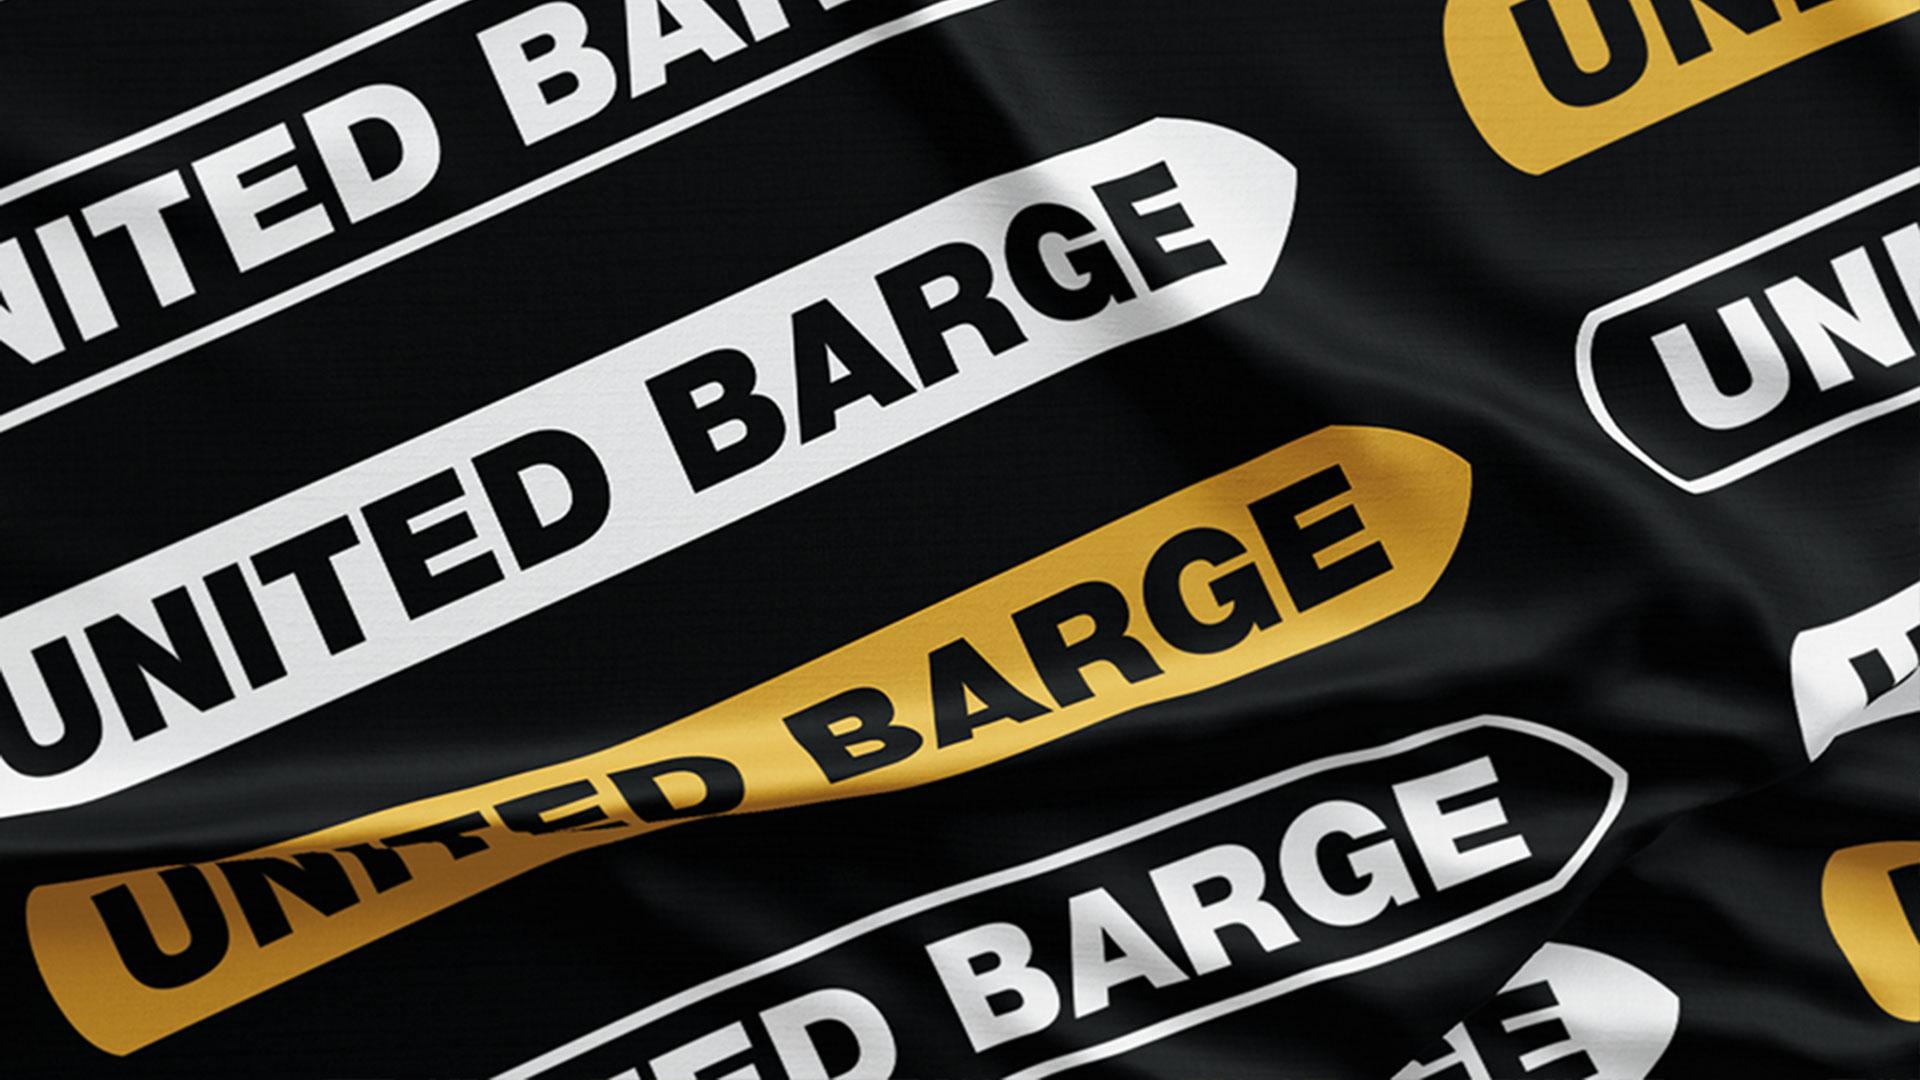 United Barge Co.